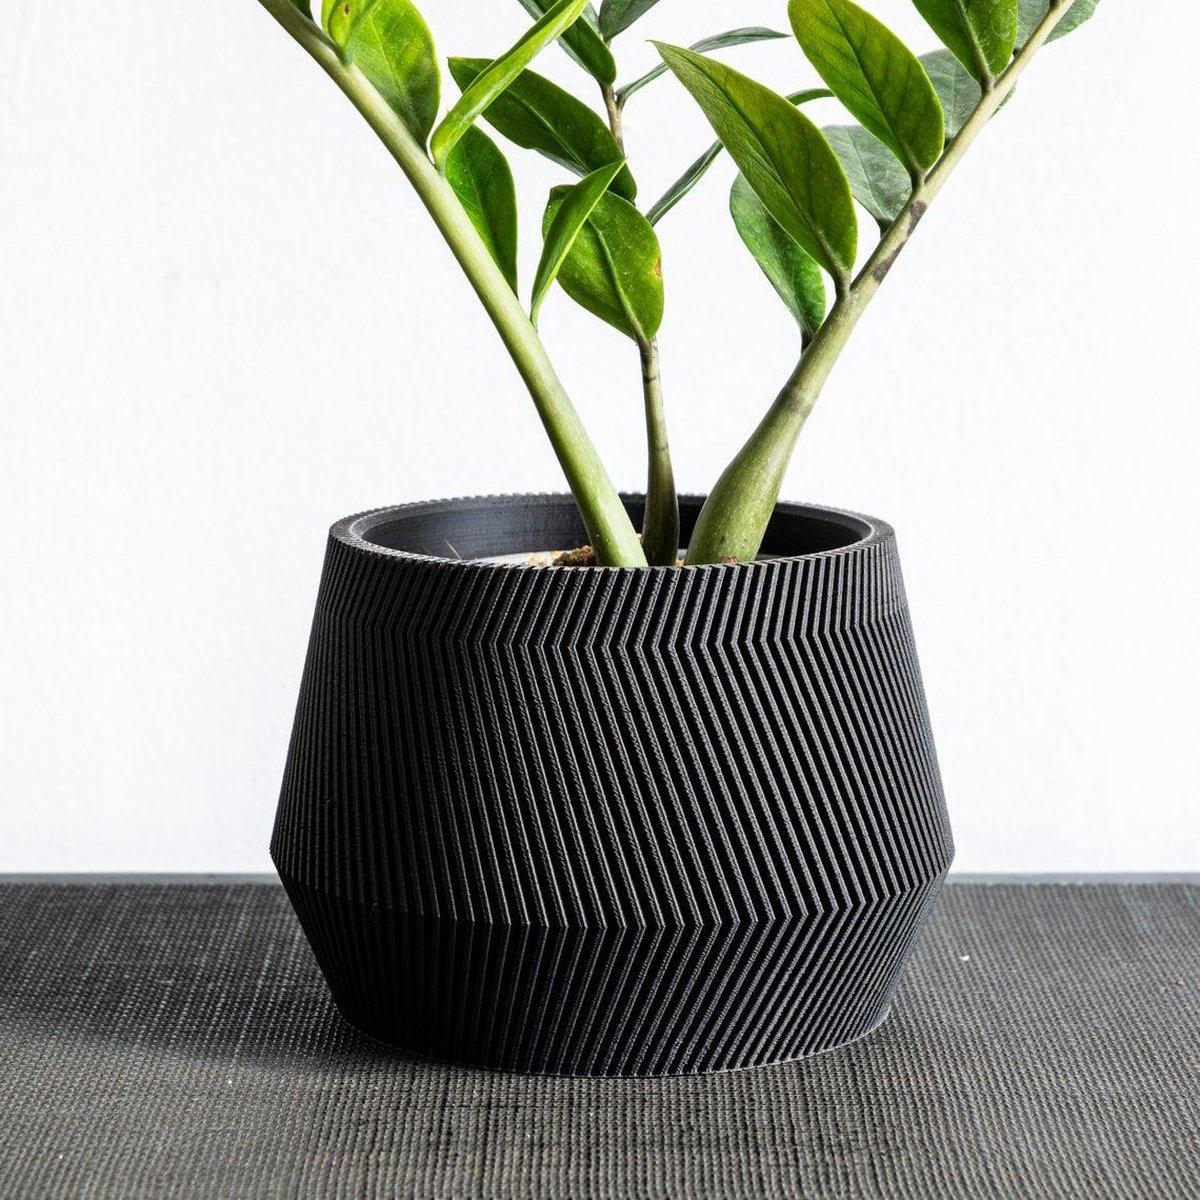 Angel Groovi Luxe Bloempot Ø15cm - Handgemaakt - Modern design - Plantenpot voor binnen en buiten -